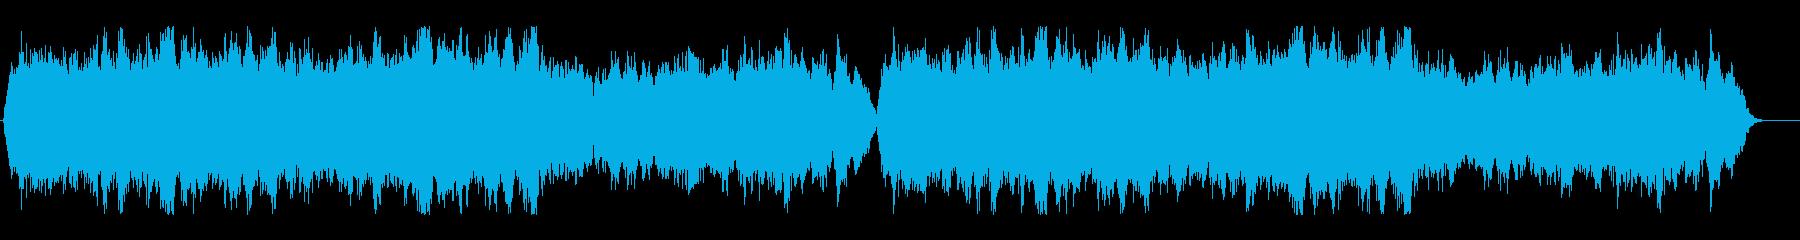 【プロ制作】ストリングス・オーケストラ曲の再生済みの波形